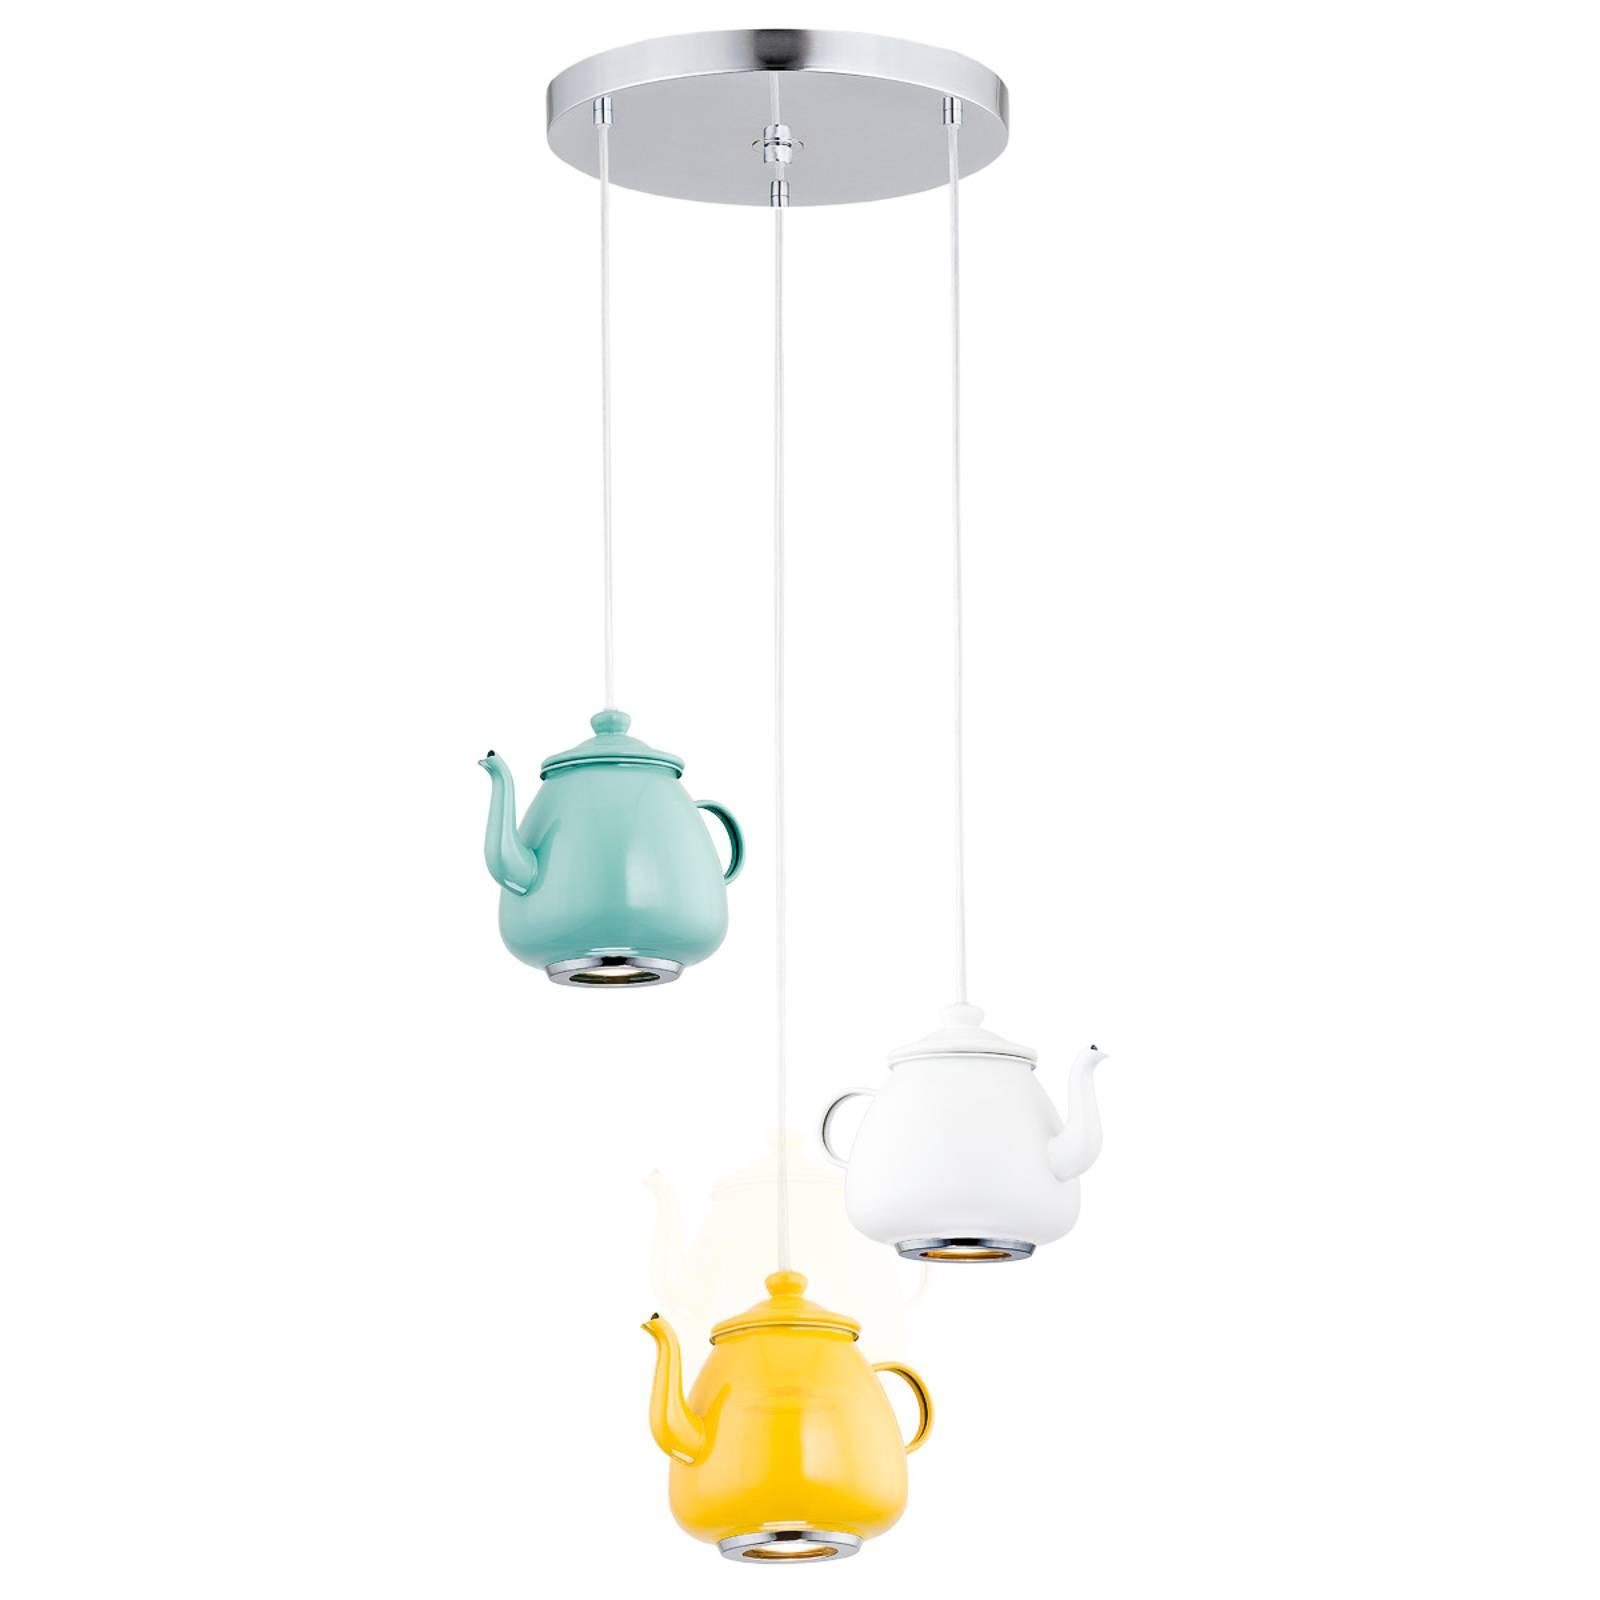 Riippuvalo Jasse, 3-lamppuinen, monivärinen